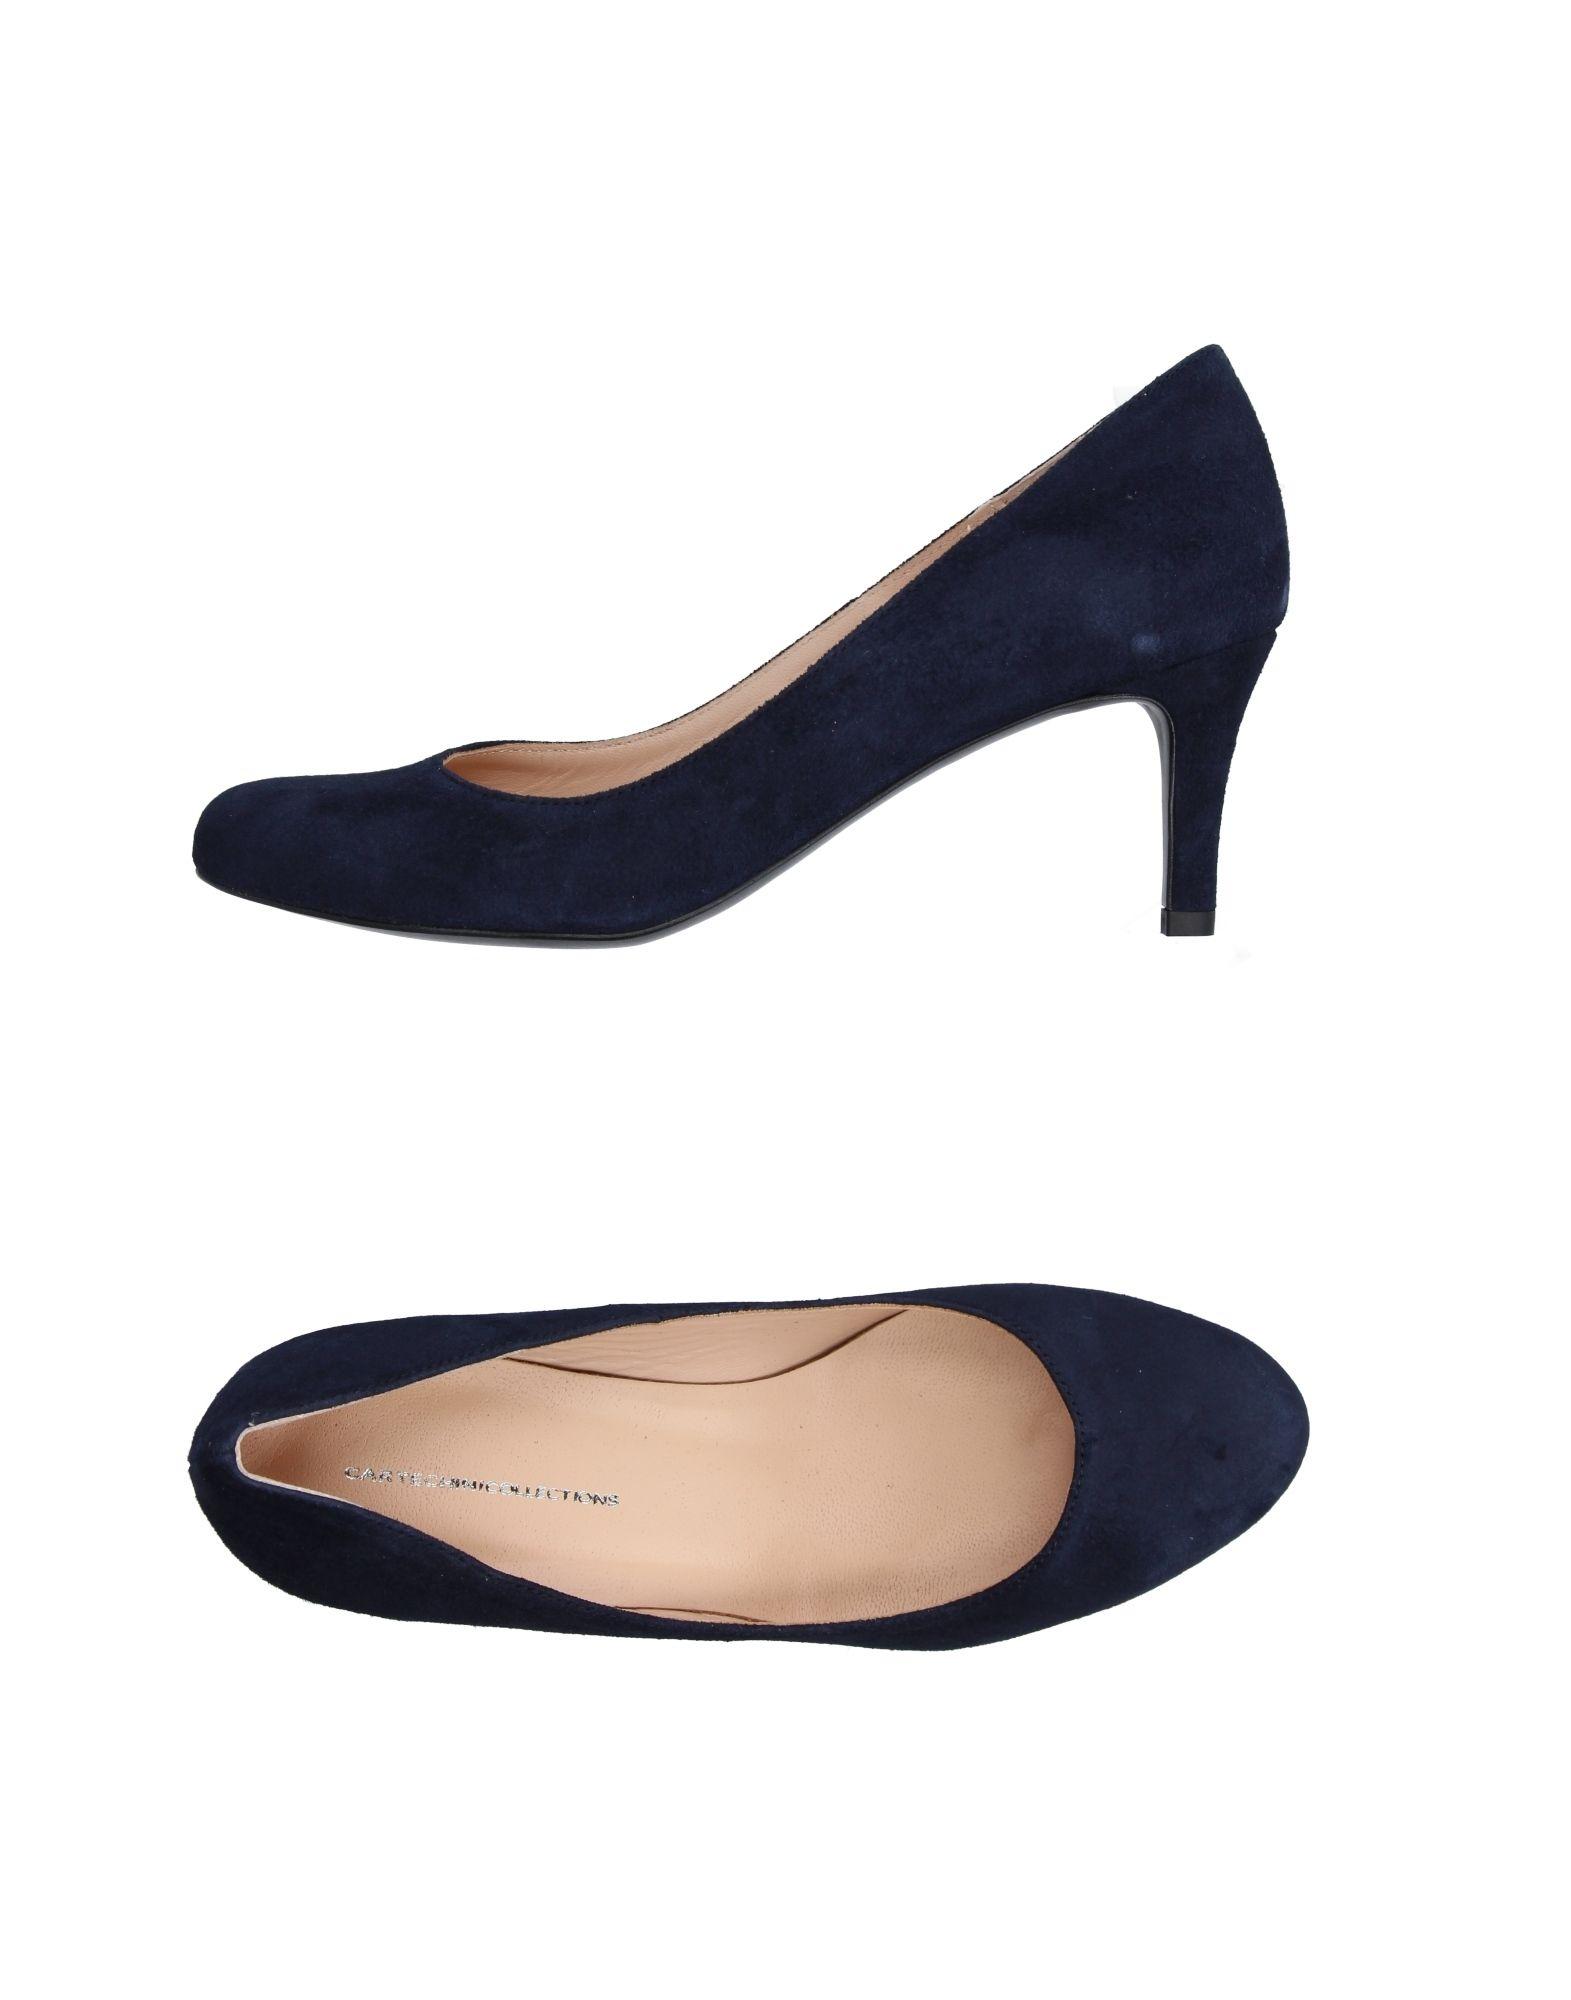 Cartechini Cartechini Cartechini Pumps Damen  11226866OF Gute Qualität beliebte Schuhe 2f9bf6